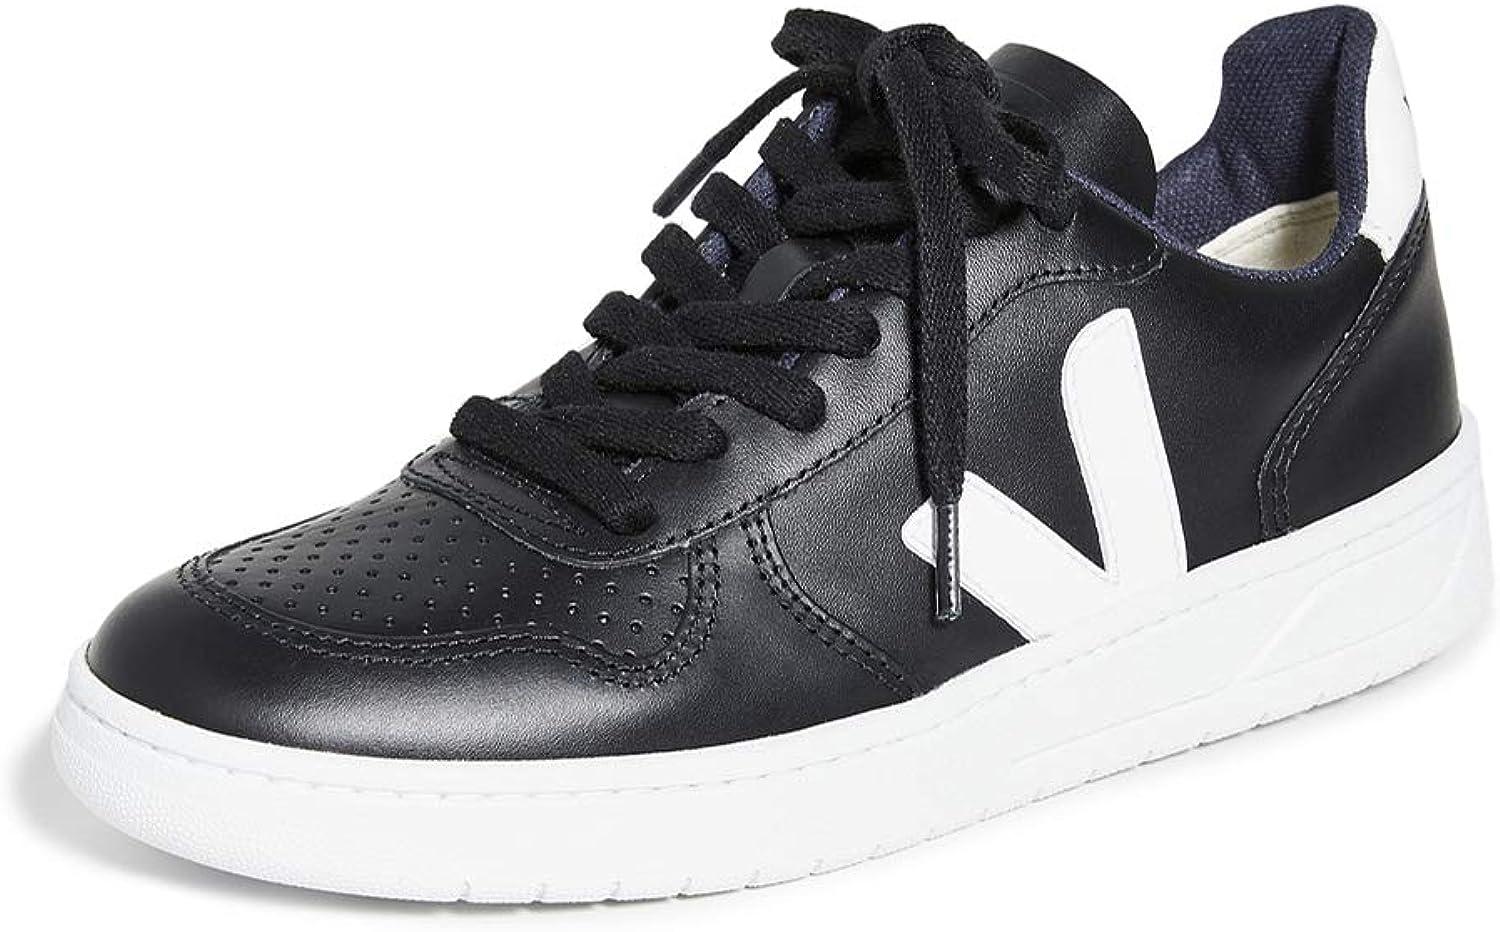 Veja Women's V-10 Sneakers 61tijoexfwL